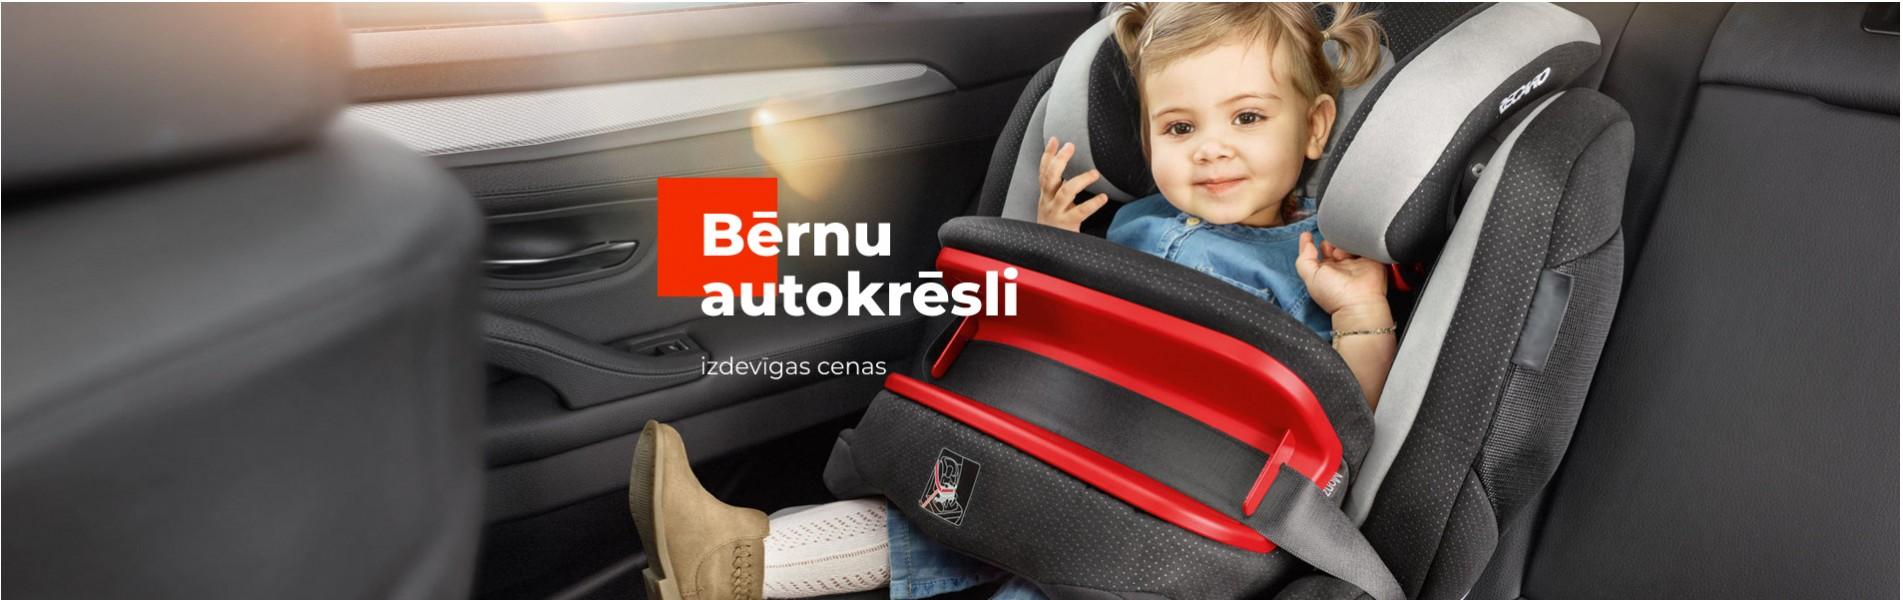 Bērnu autokrēsli